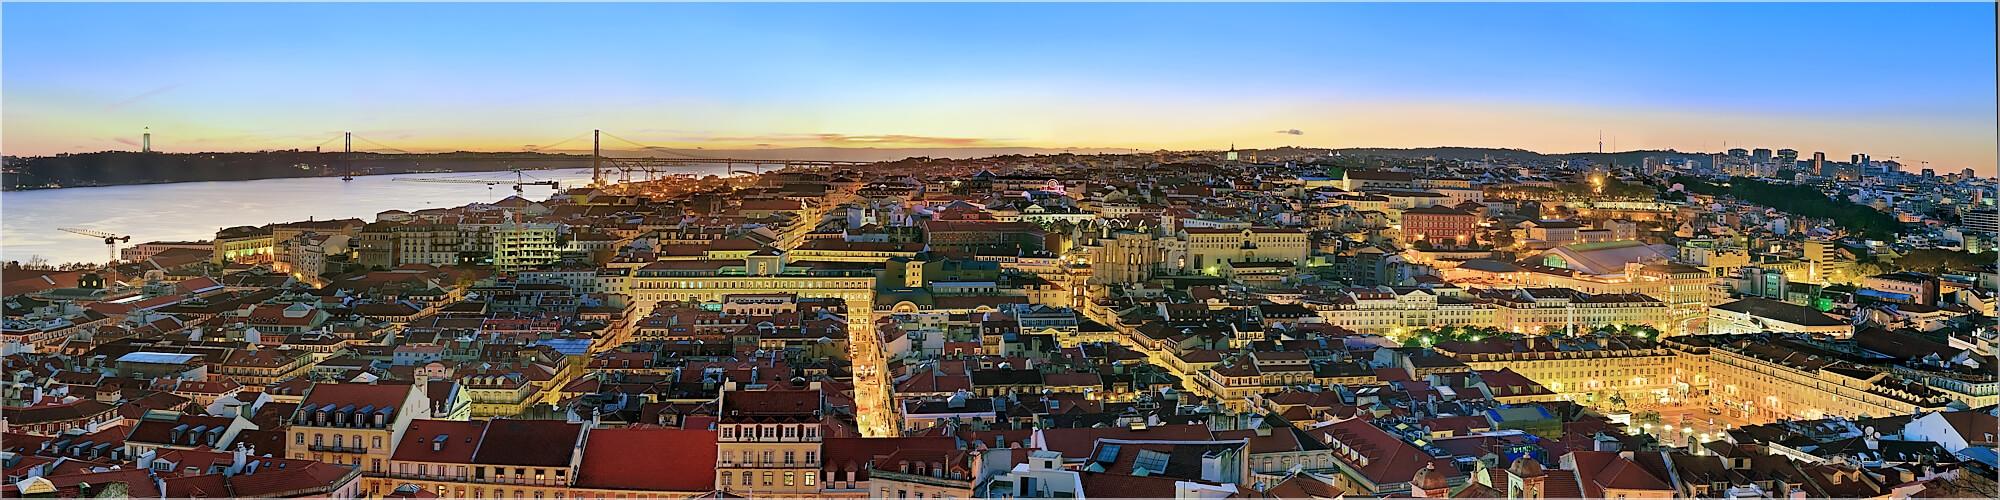 Panoramabild die Altstadt von Lissabon